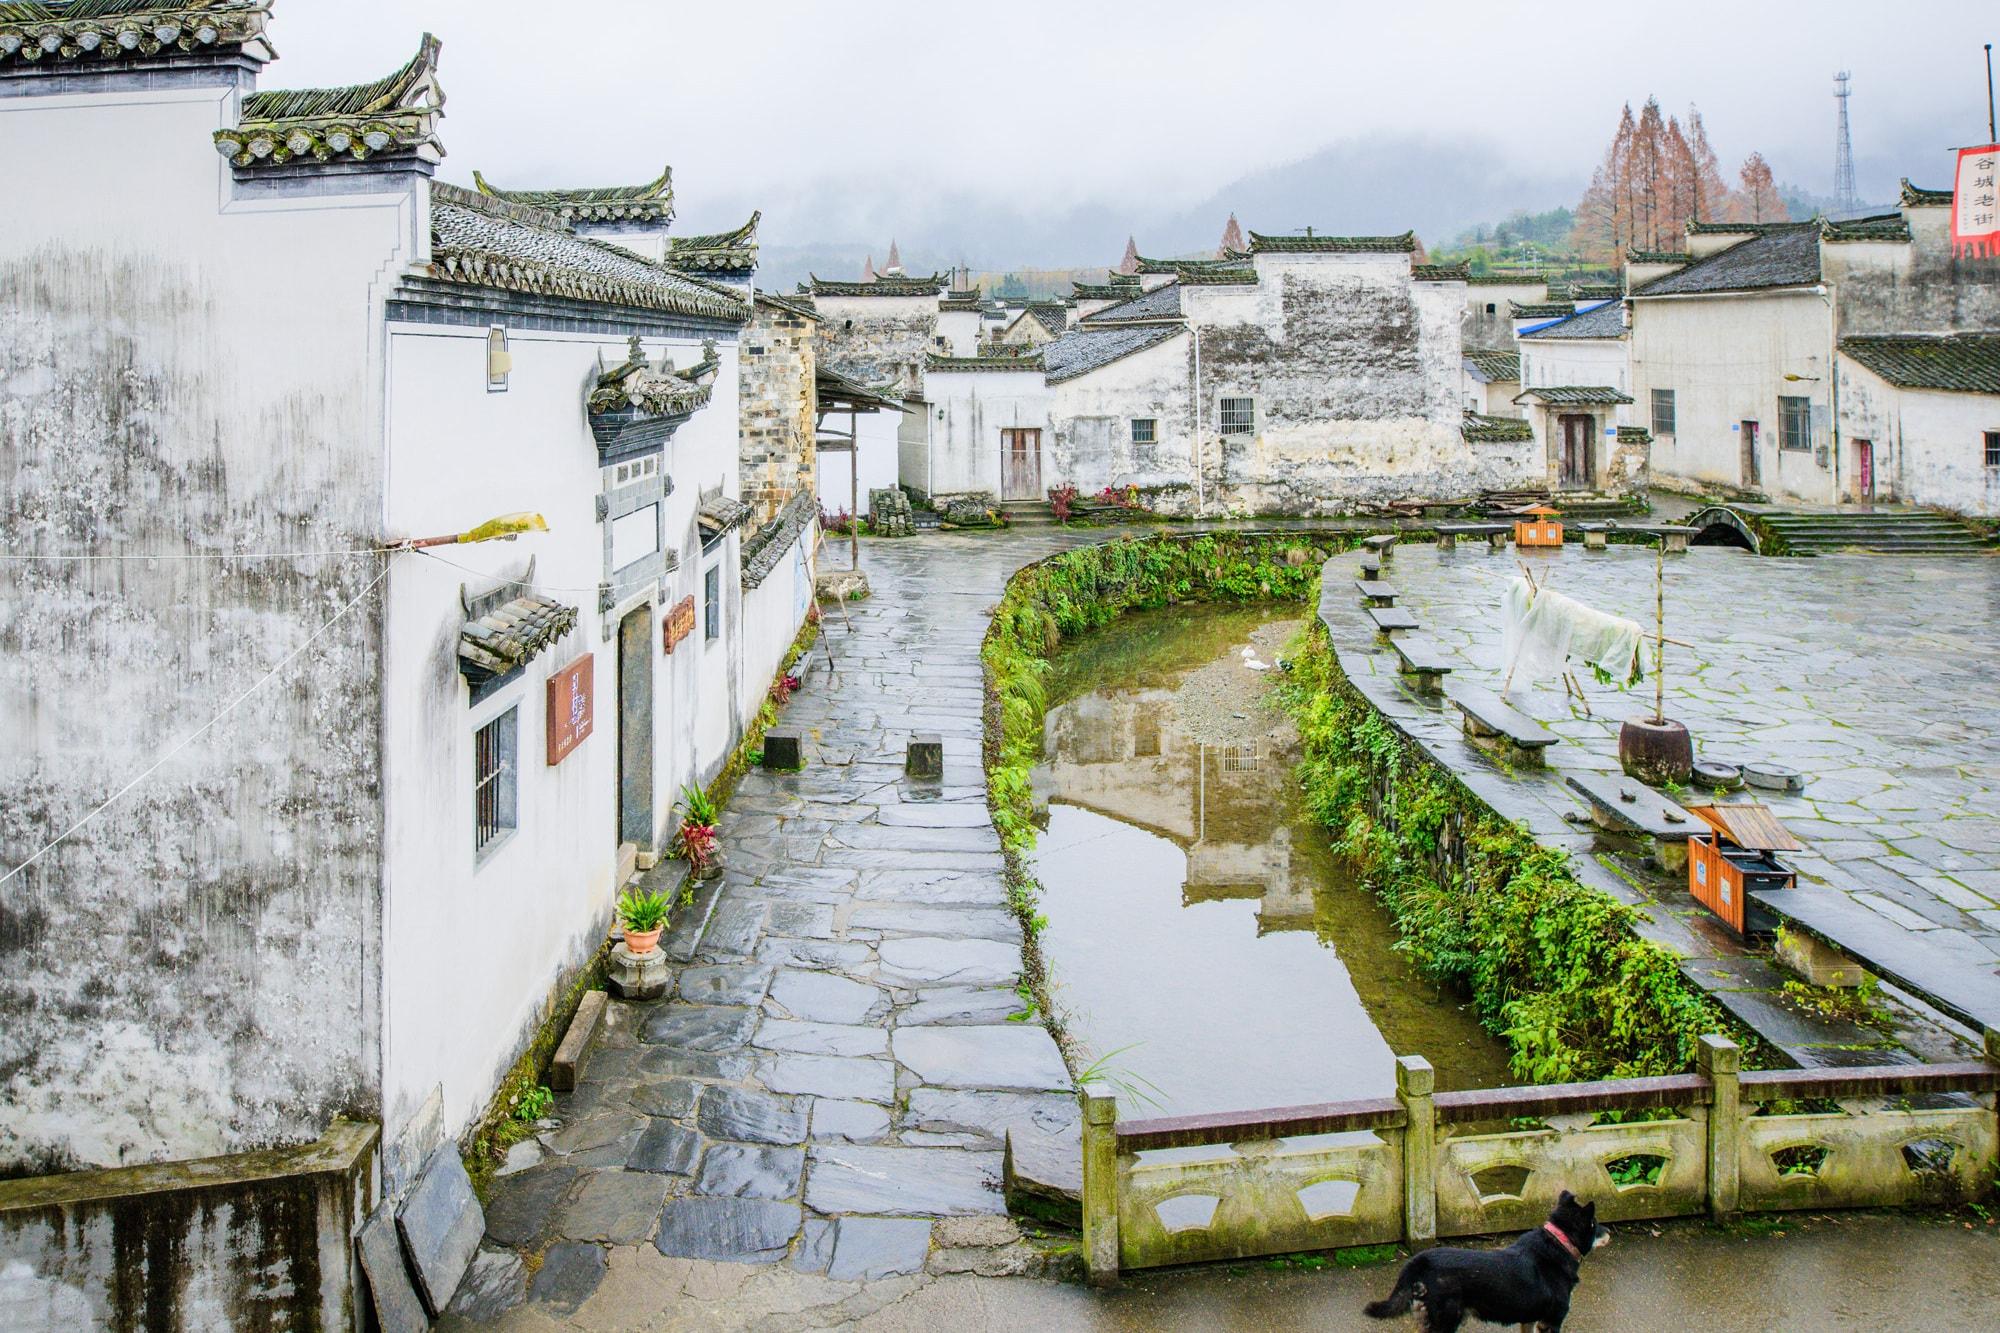 掩藏在皖南218线上最原生态的古村落,拥有千年历史,却常被忽略